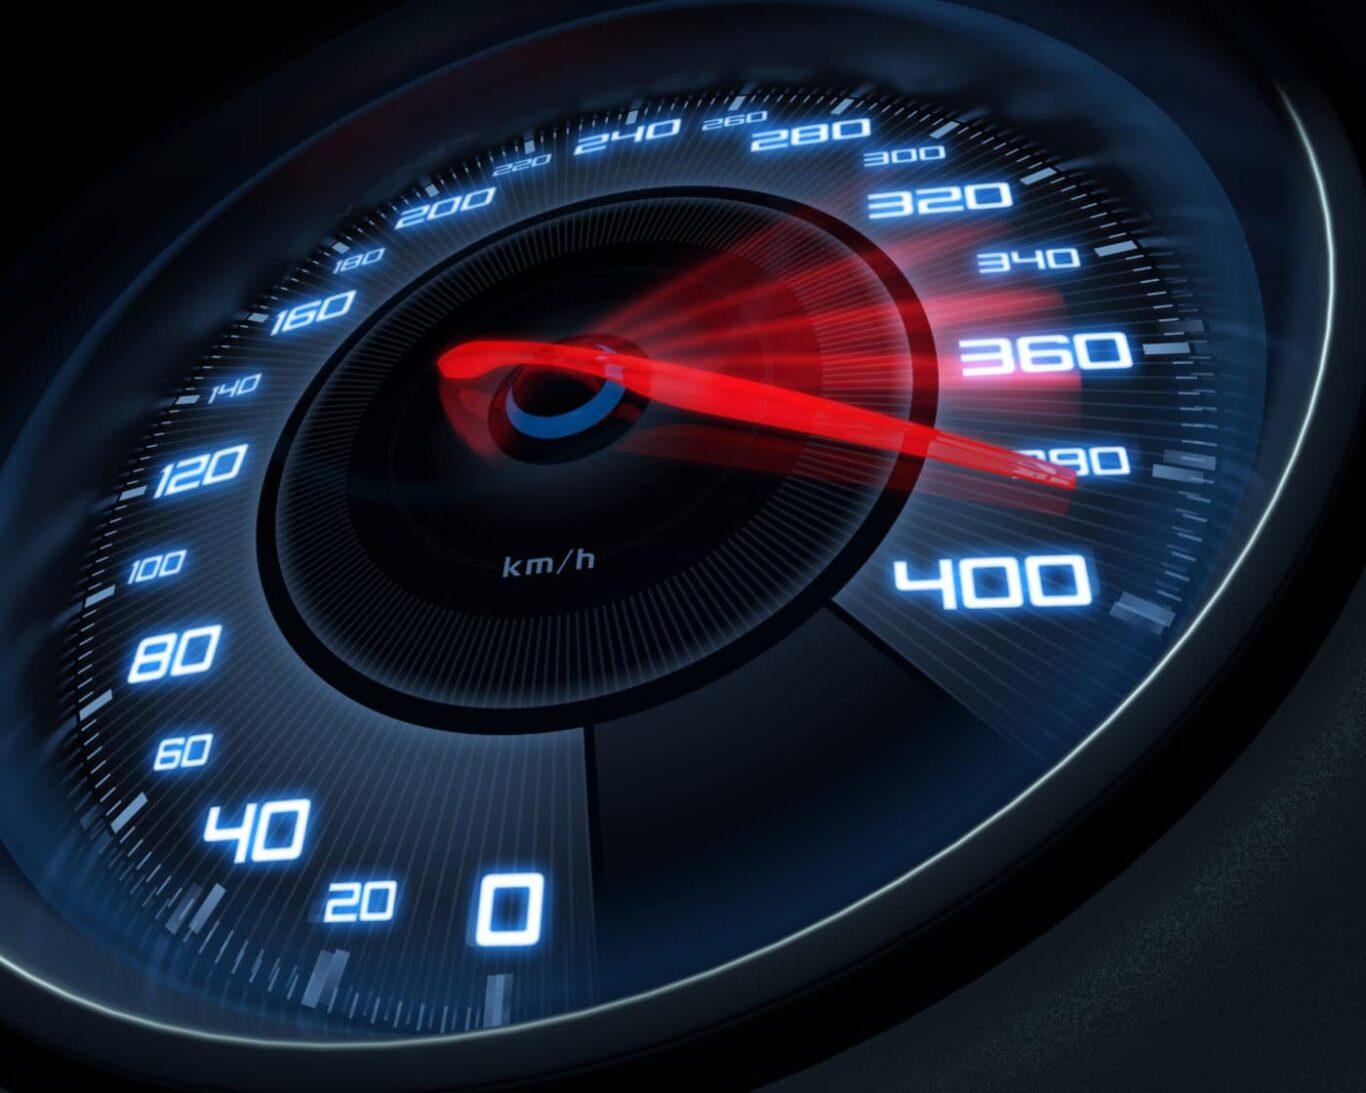 Hohe Geschwindigkeit / Blitzer / Verkehrskontrolle